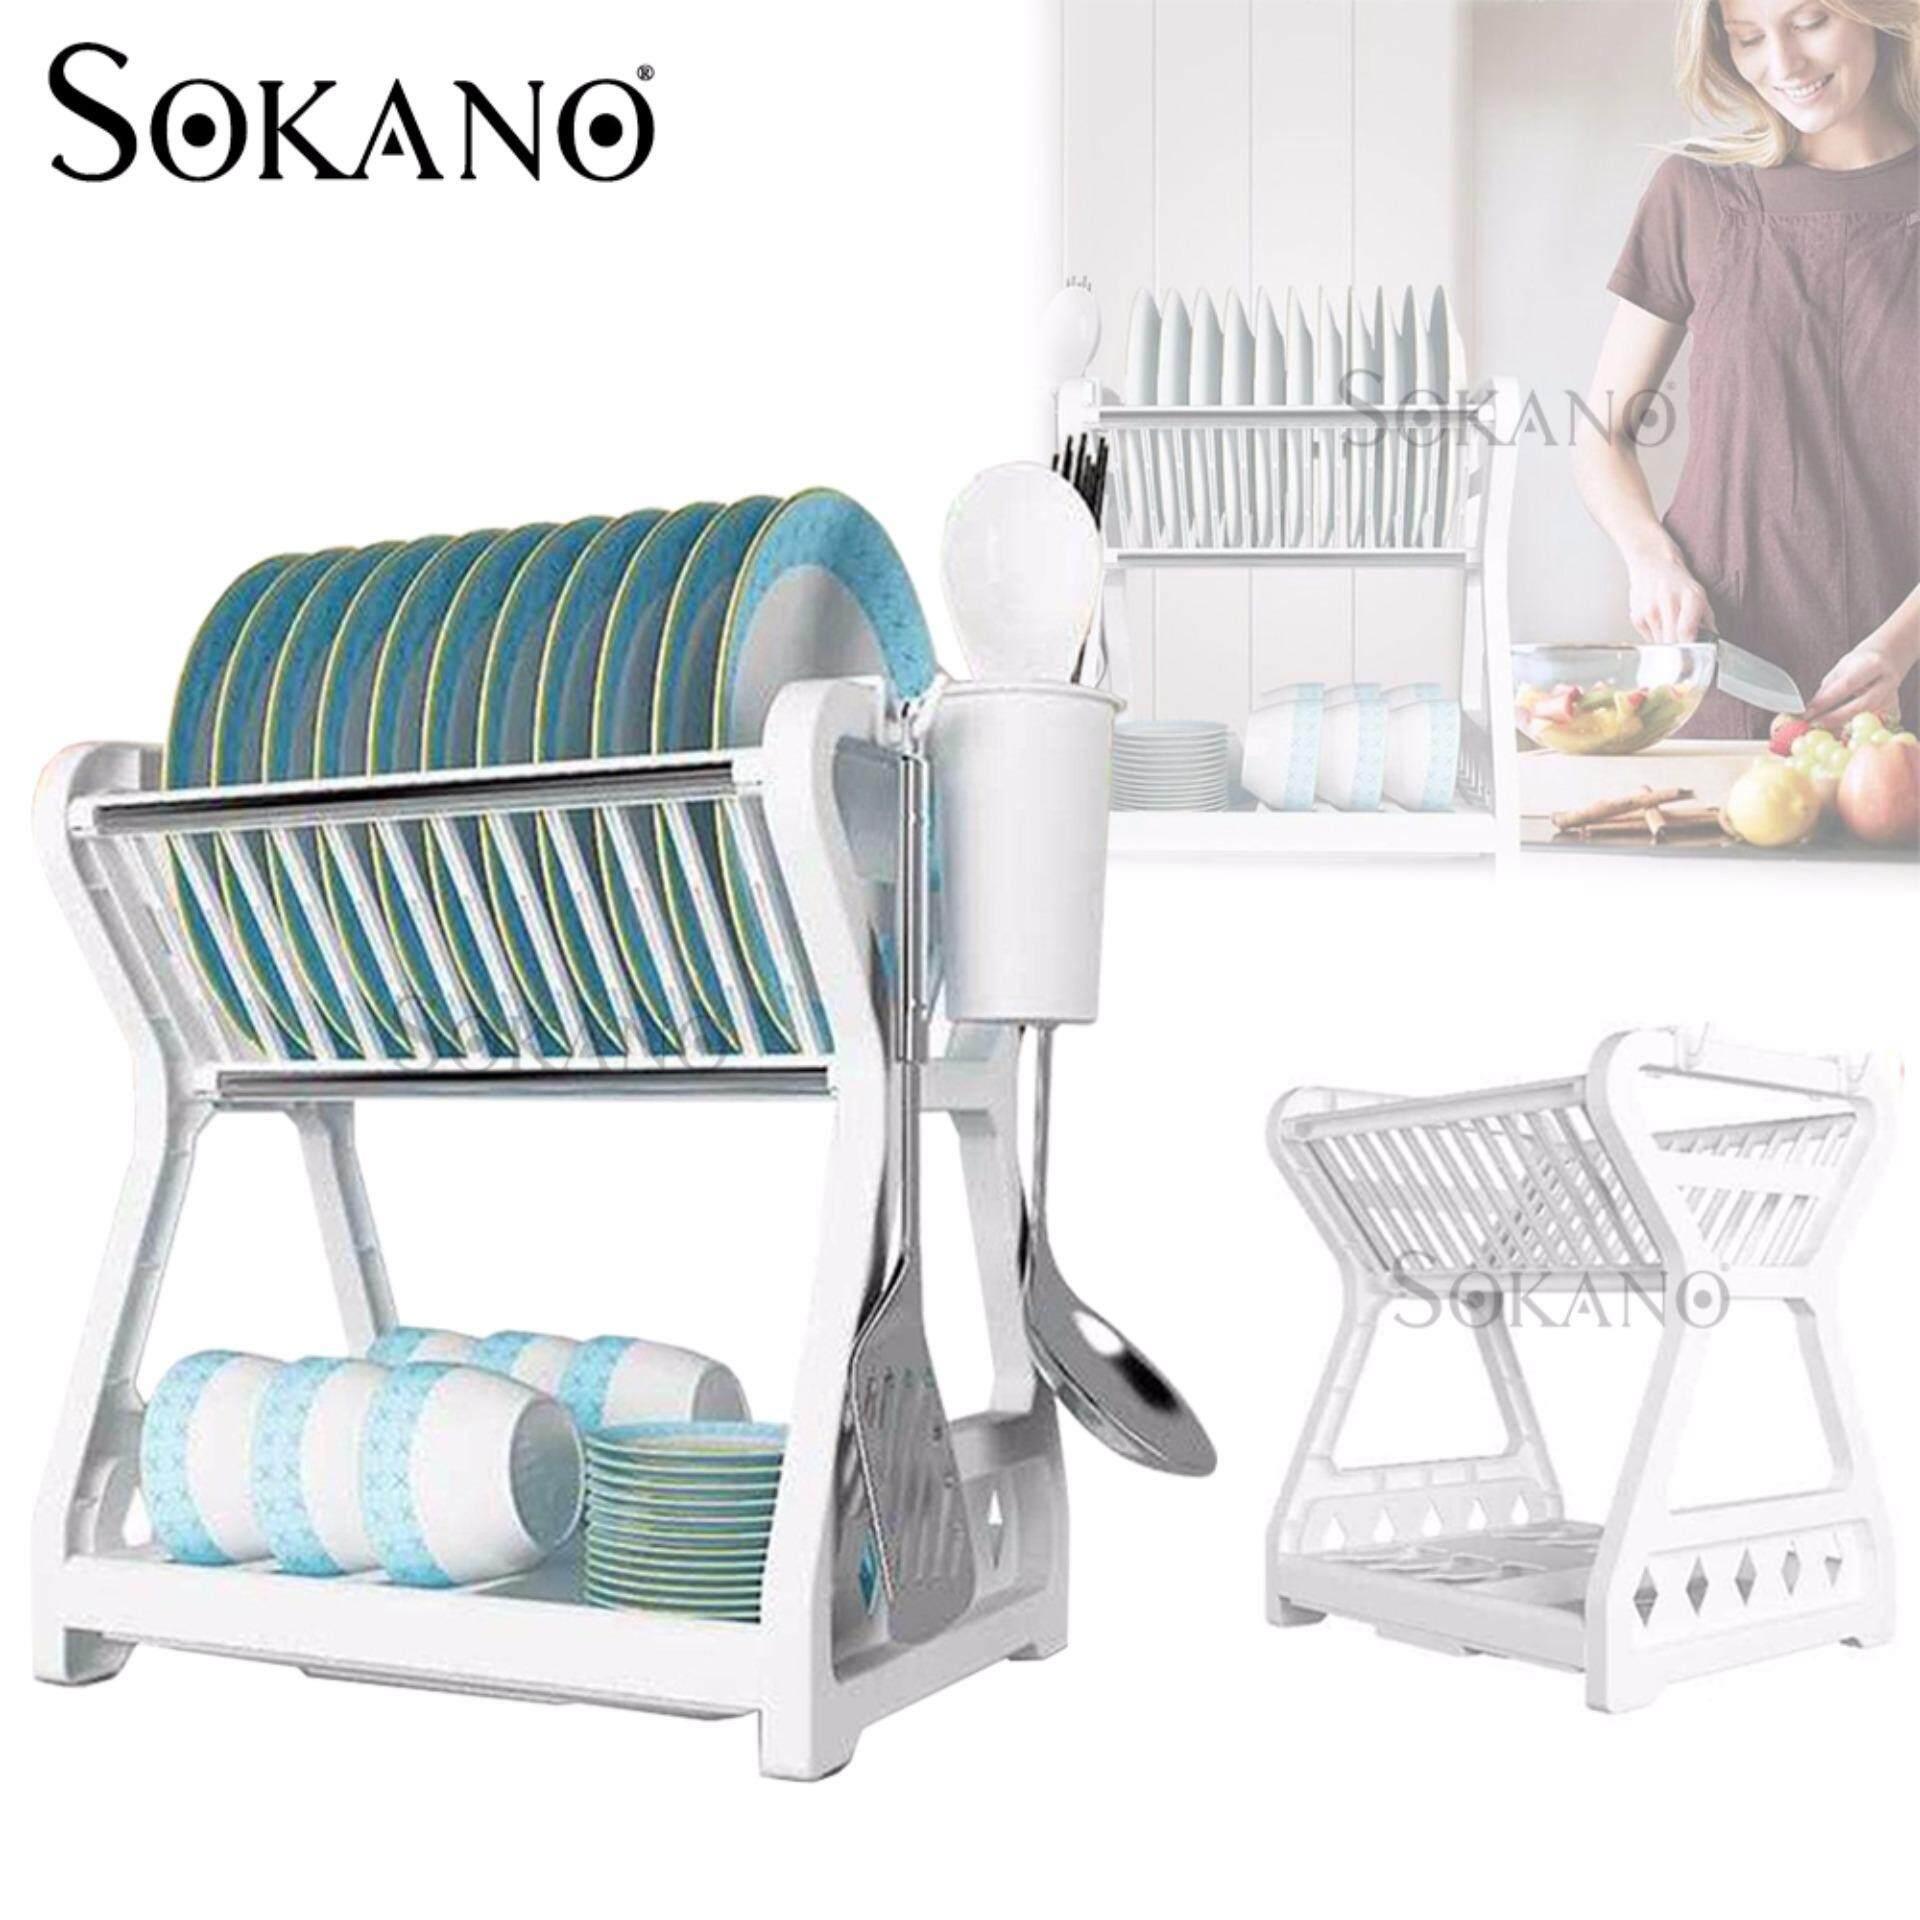 SOKANO Luxury 2 Tier Dish Drainer with Holder, Hooks and Water Draining Tray Rak Pinggan